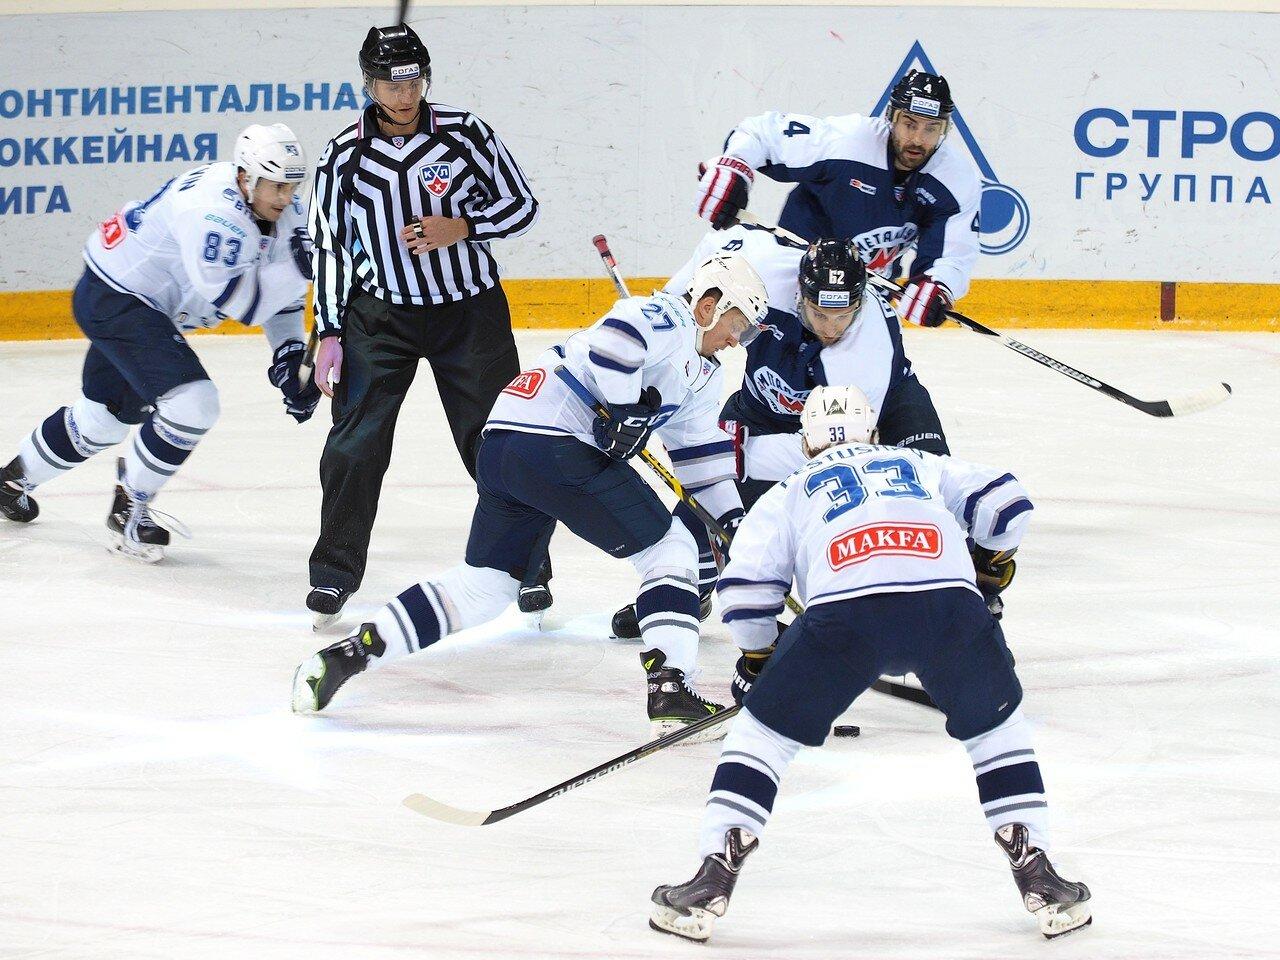 58Металлург - Динамо Москва 28.12.2015